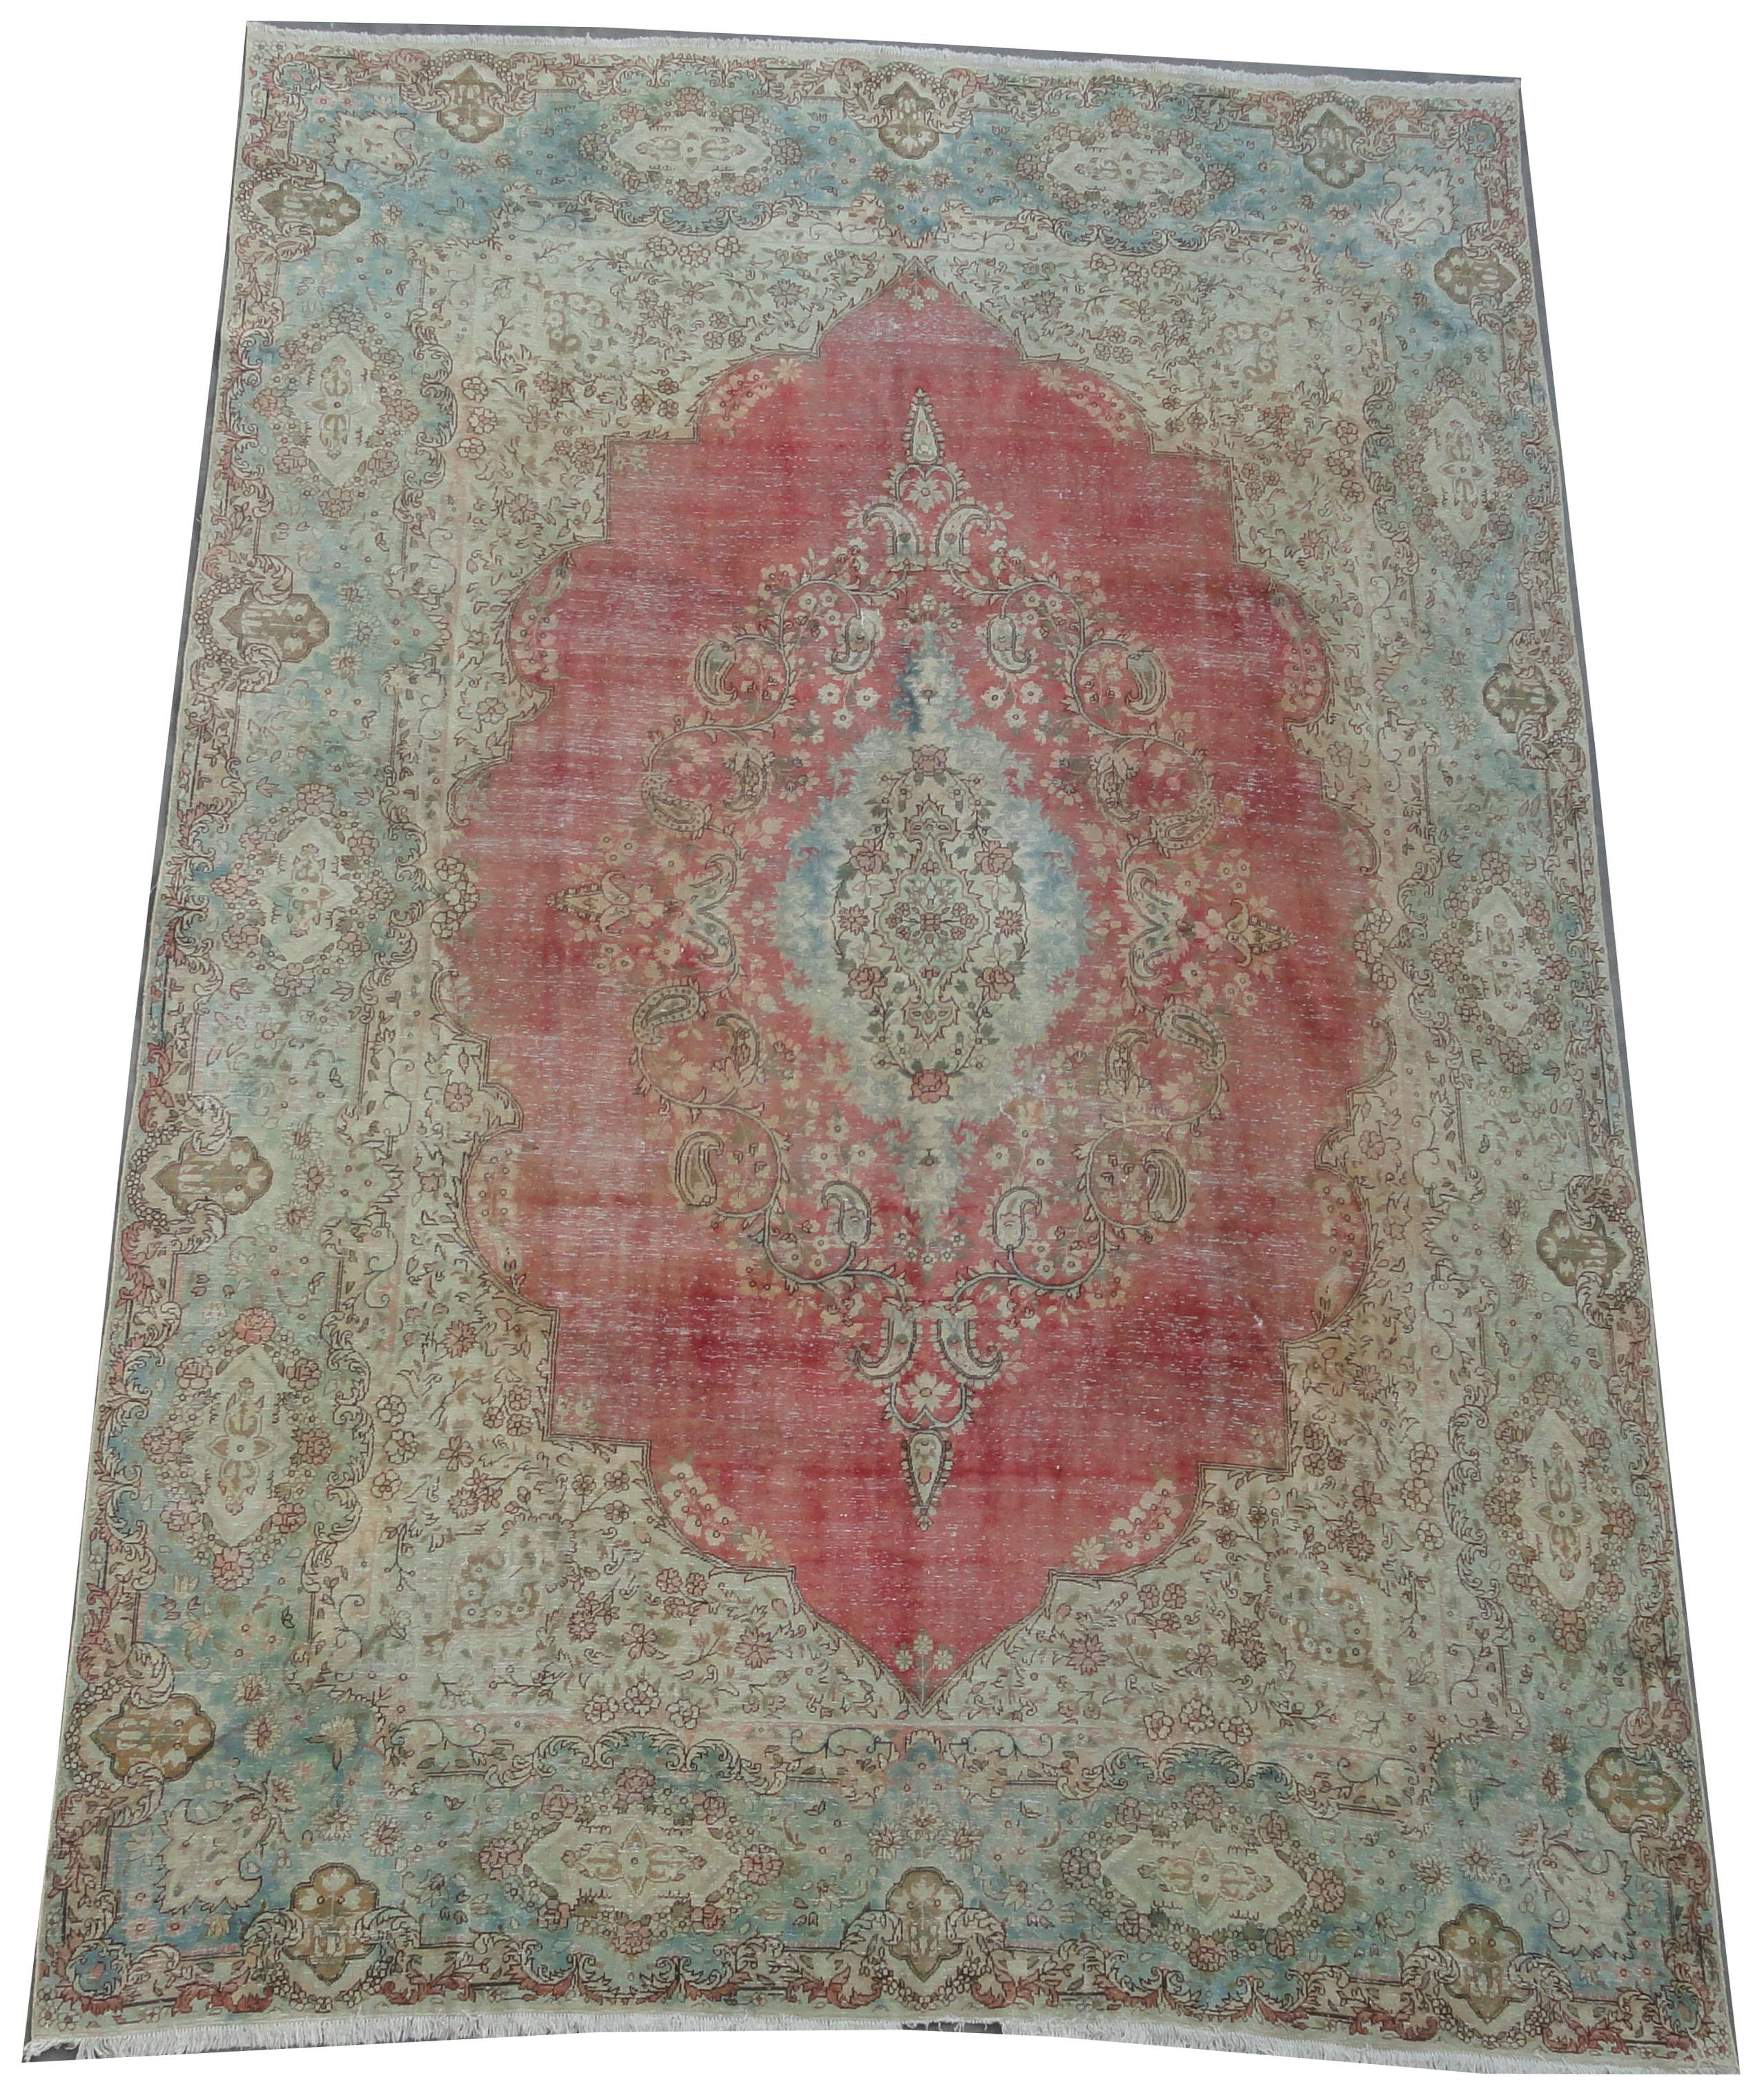 Recoloured klassiek vloerkleed nr 2277 (429cm x 284cm) tapijt wat een nieuwe hippe trendy kleur heeft gekregen.